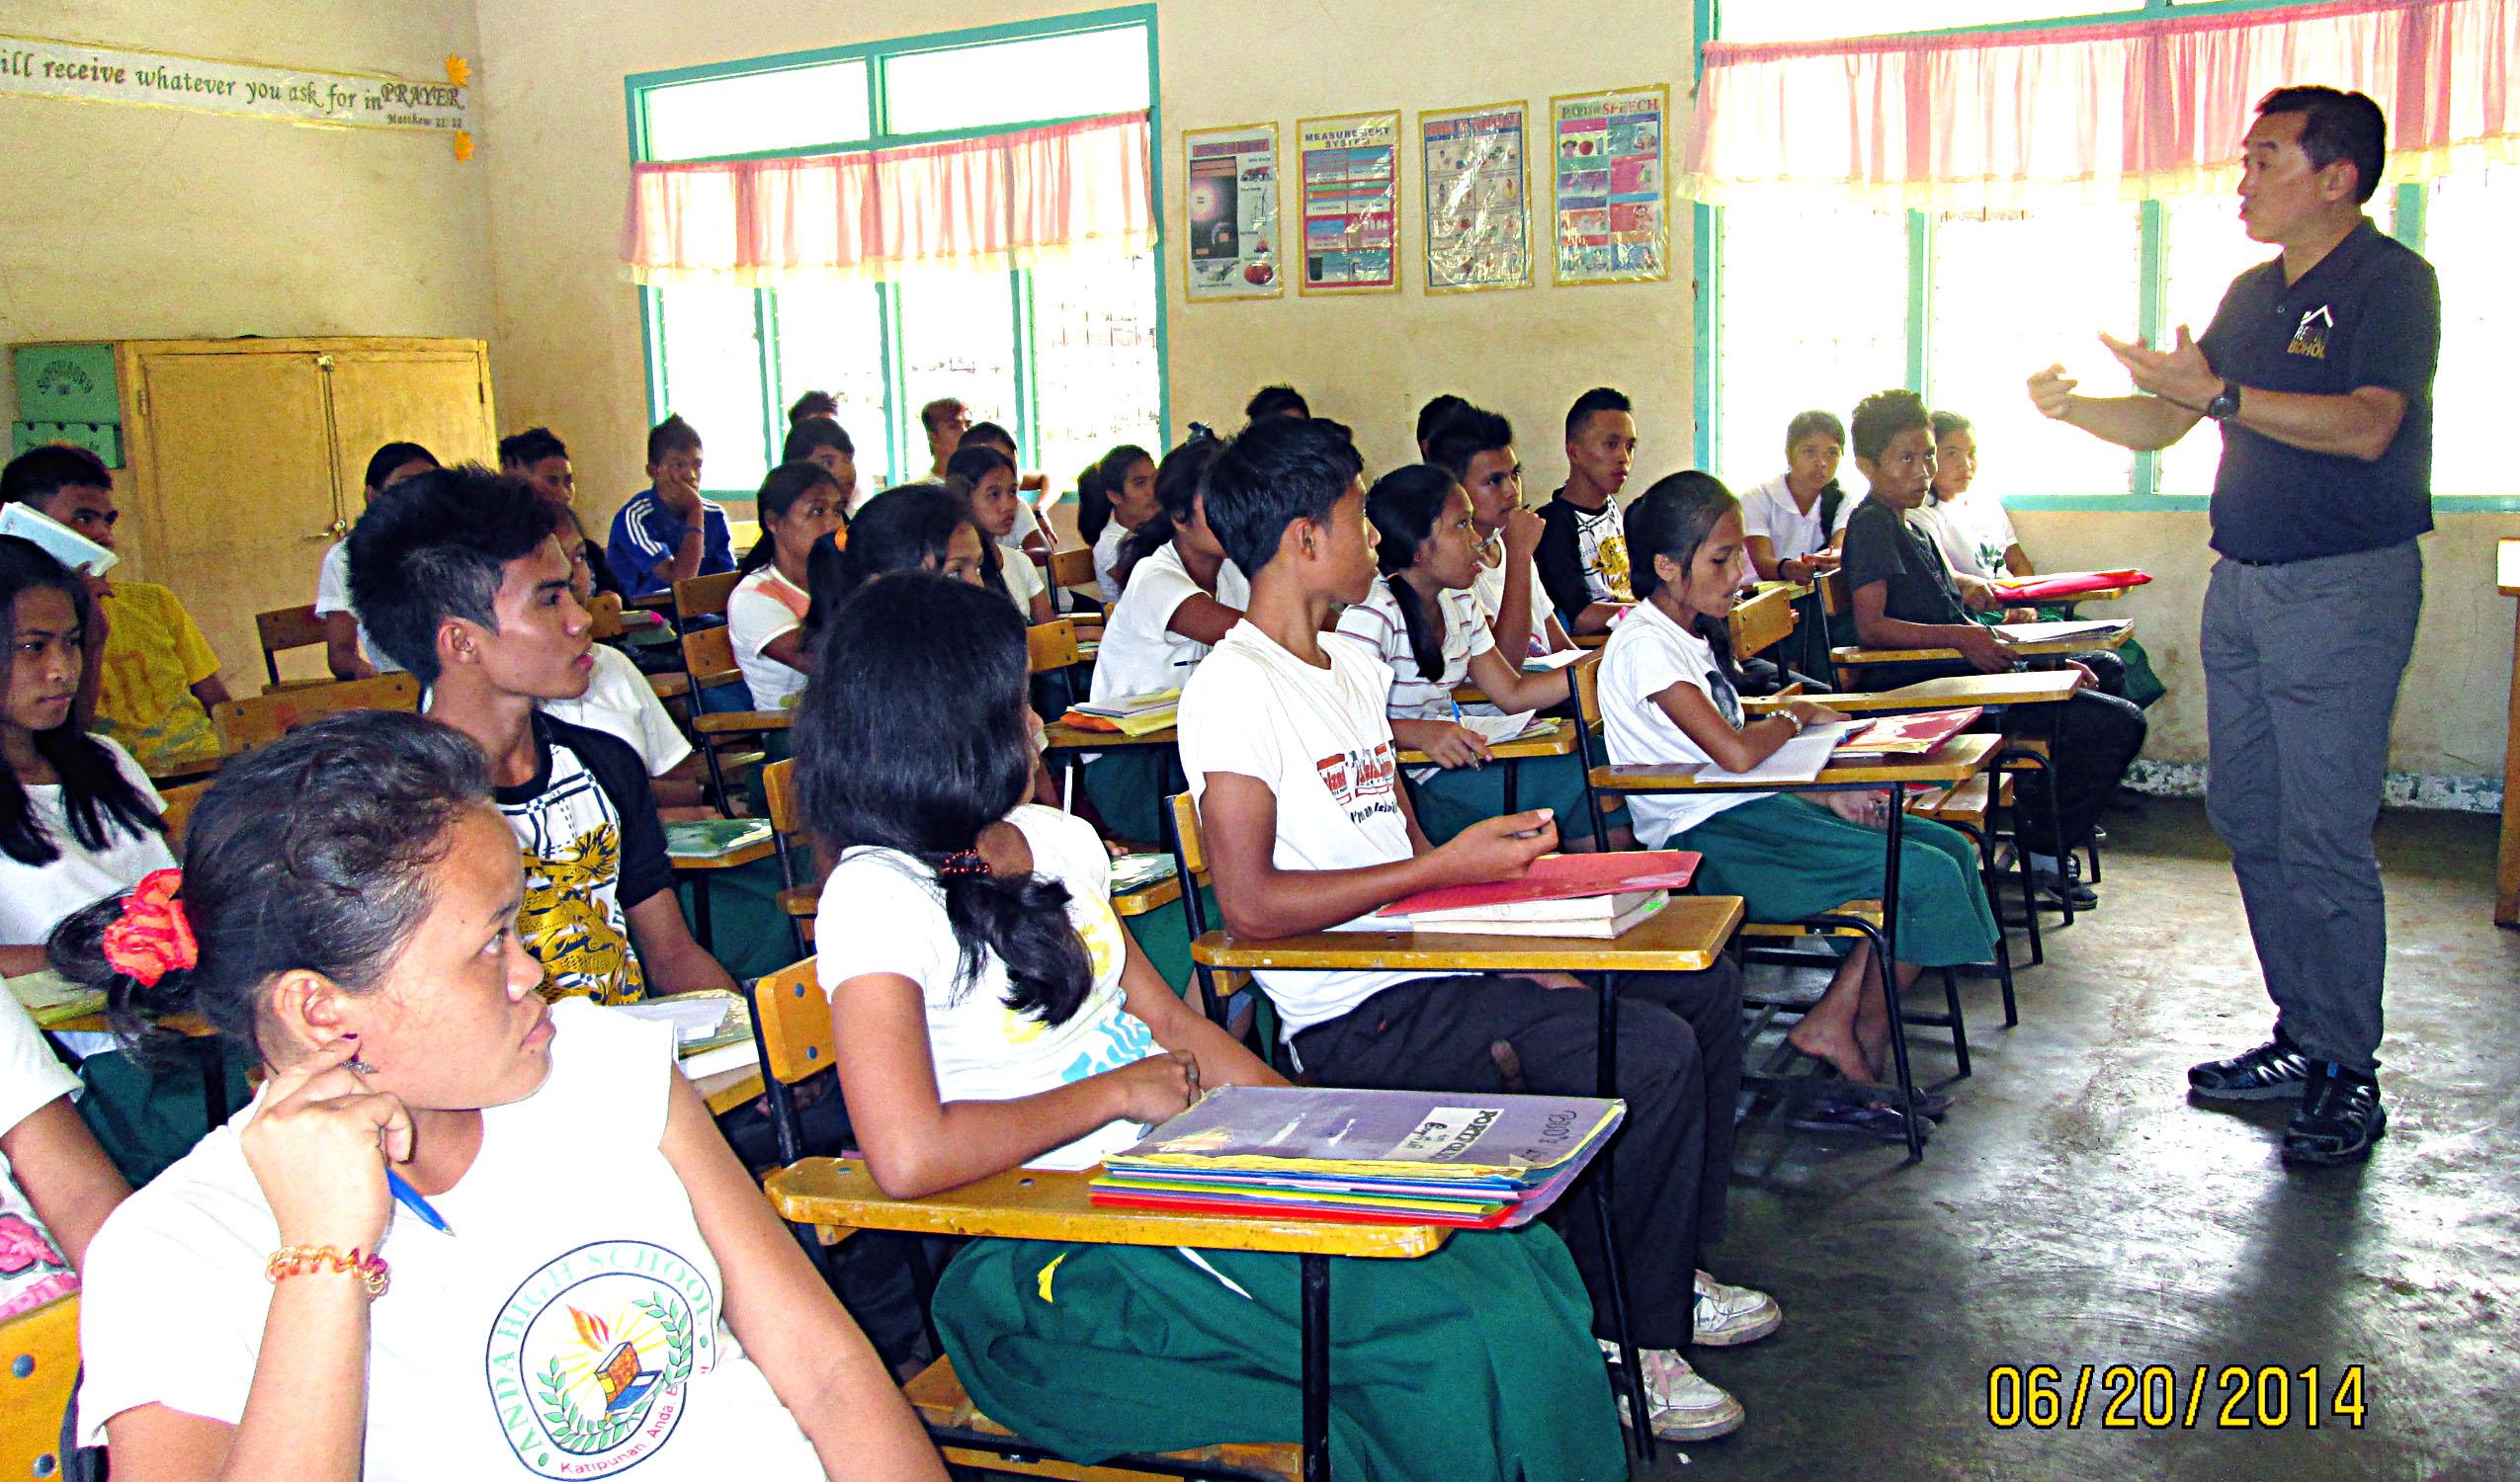 FILE: Students of Anda High School in Barangay Katipunan, Anda town,  Bohol. (PNA photo)